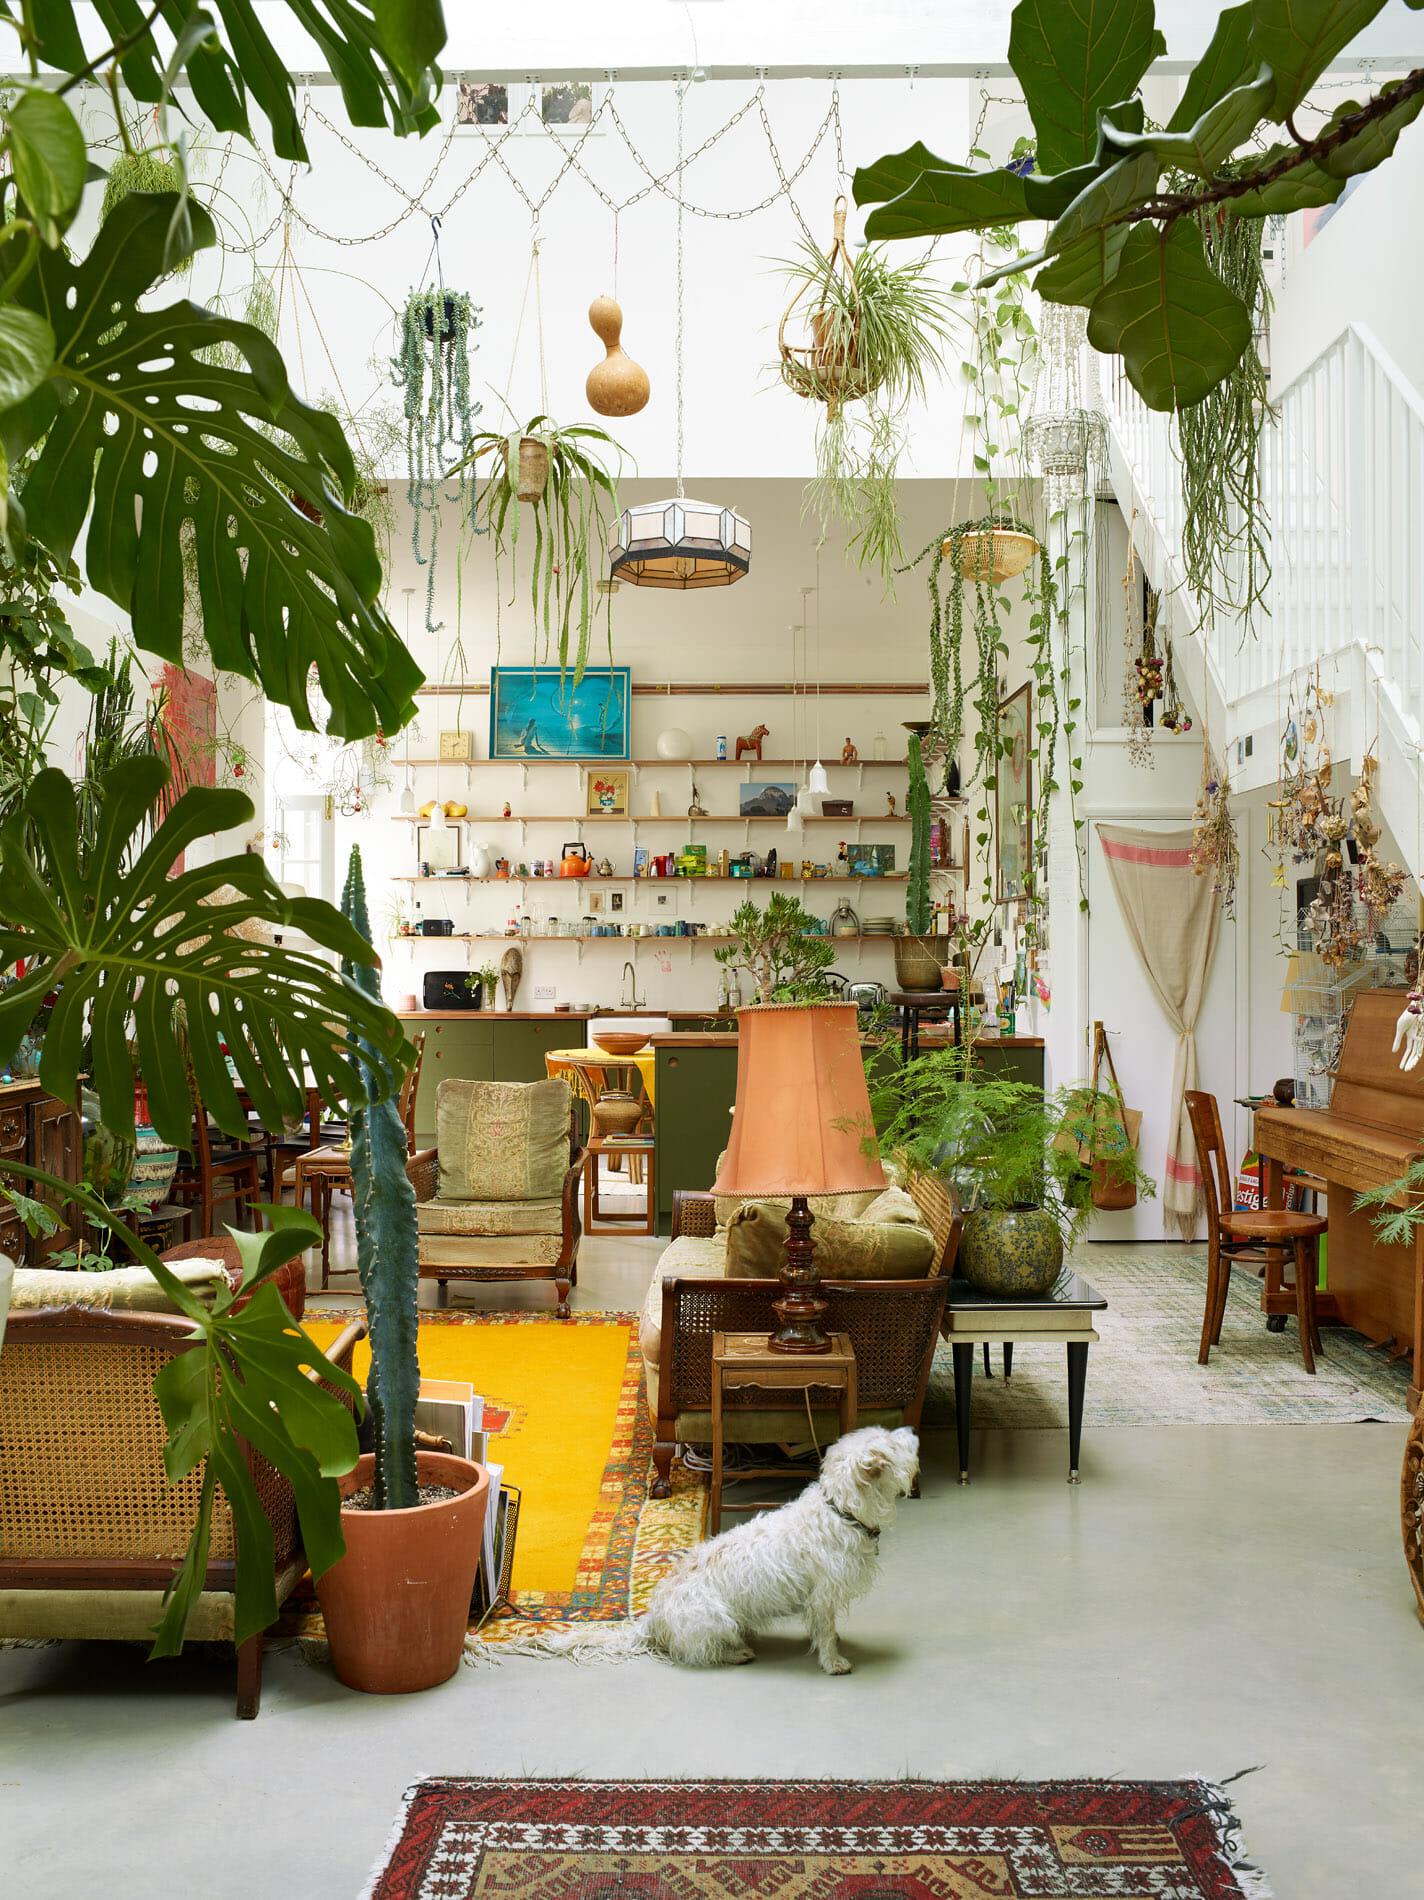 rachael-smith-interiors-14122019-099-1